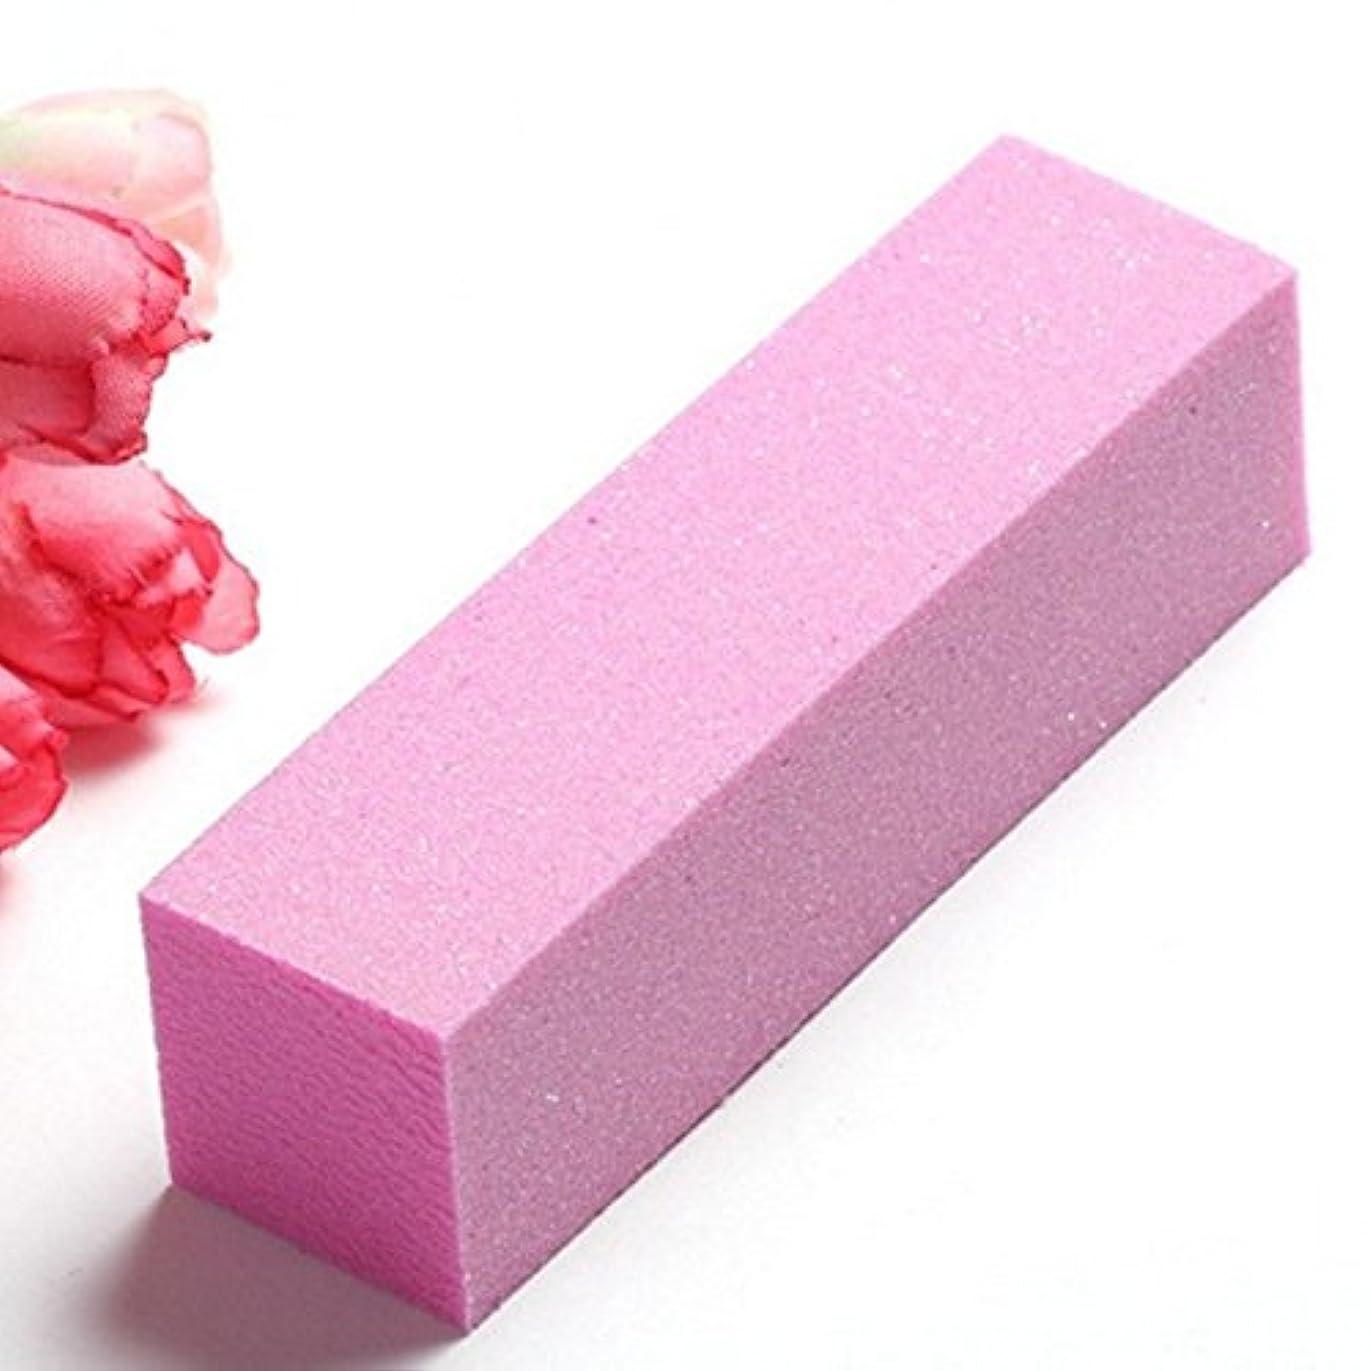 分析的くさびウルルRaiFu 爪やすり ネイルファイル ネイルアート バッファー サンディング ブロック ピンクスポンジ バッファリング 研磨マニキュアツール